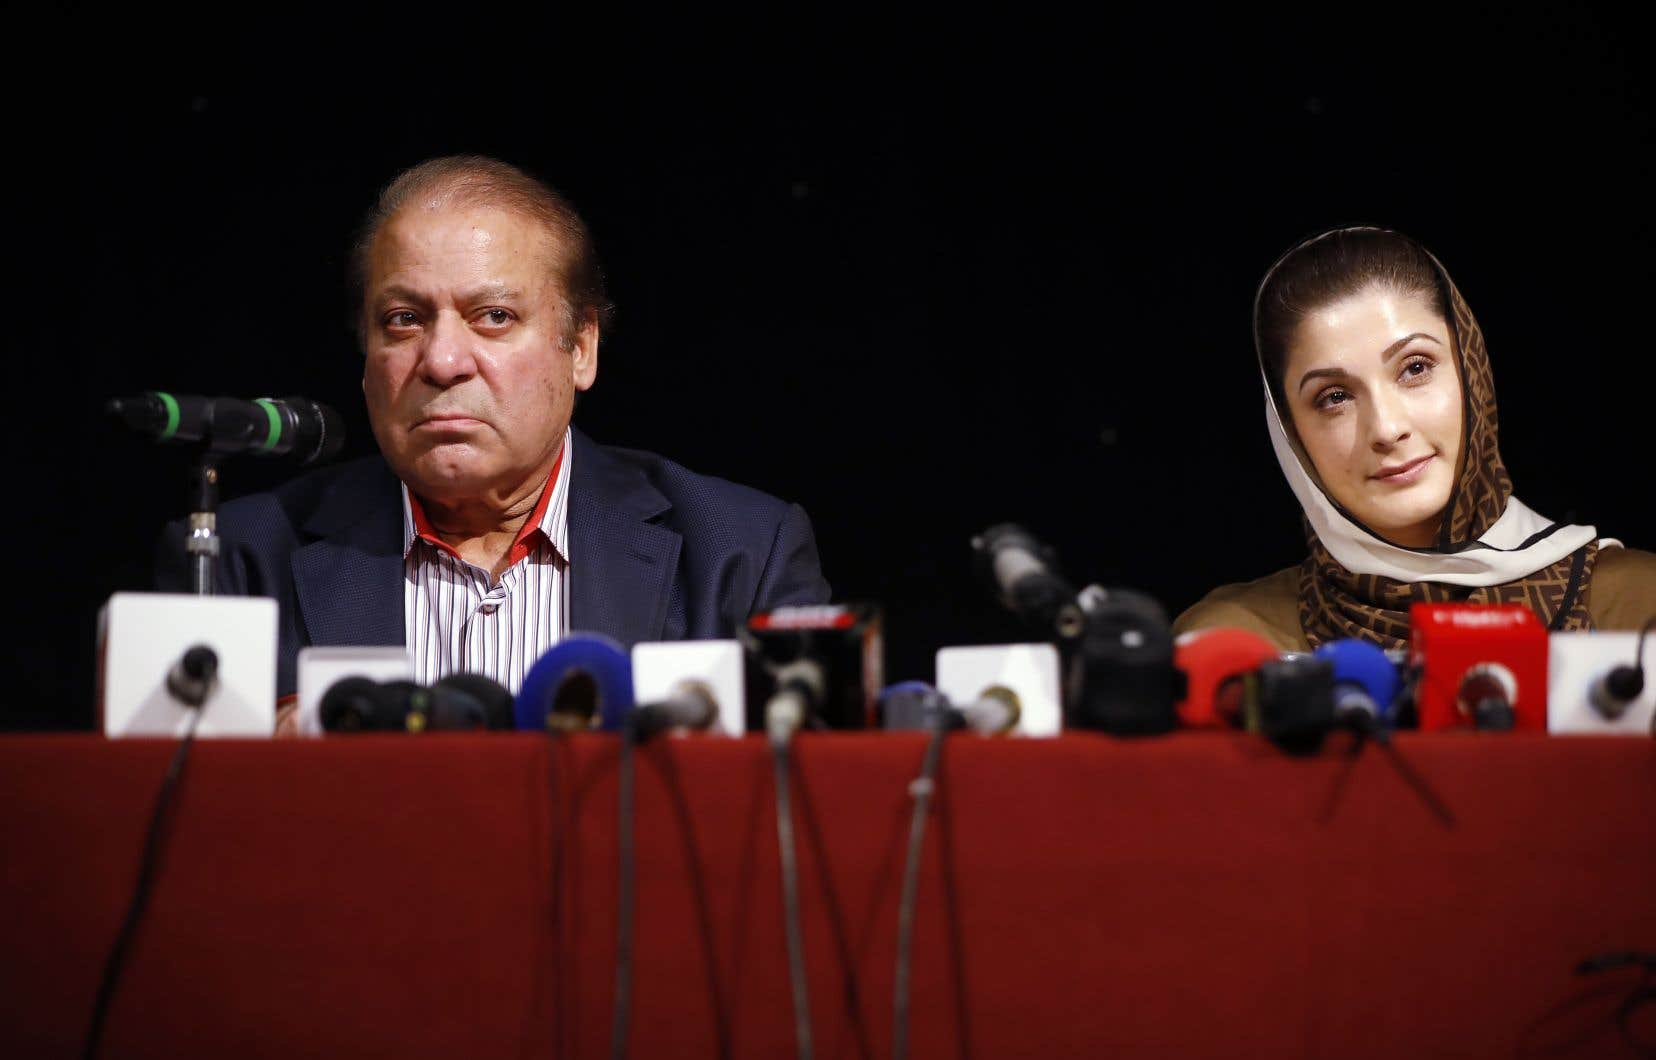 En 2016, les documents de preuve remis par Nawaz Sharif, alors premier ministre du Pakistan, et sa fille Maryam pour se disculper d'une affaire de corruption, prétendument signés en février 2006, étaient rédigés en Calibri alors que cette police n'a fait son apparition qu'en 2007, ce qui laisse croire que les documents ont été contrefaits.